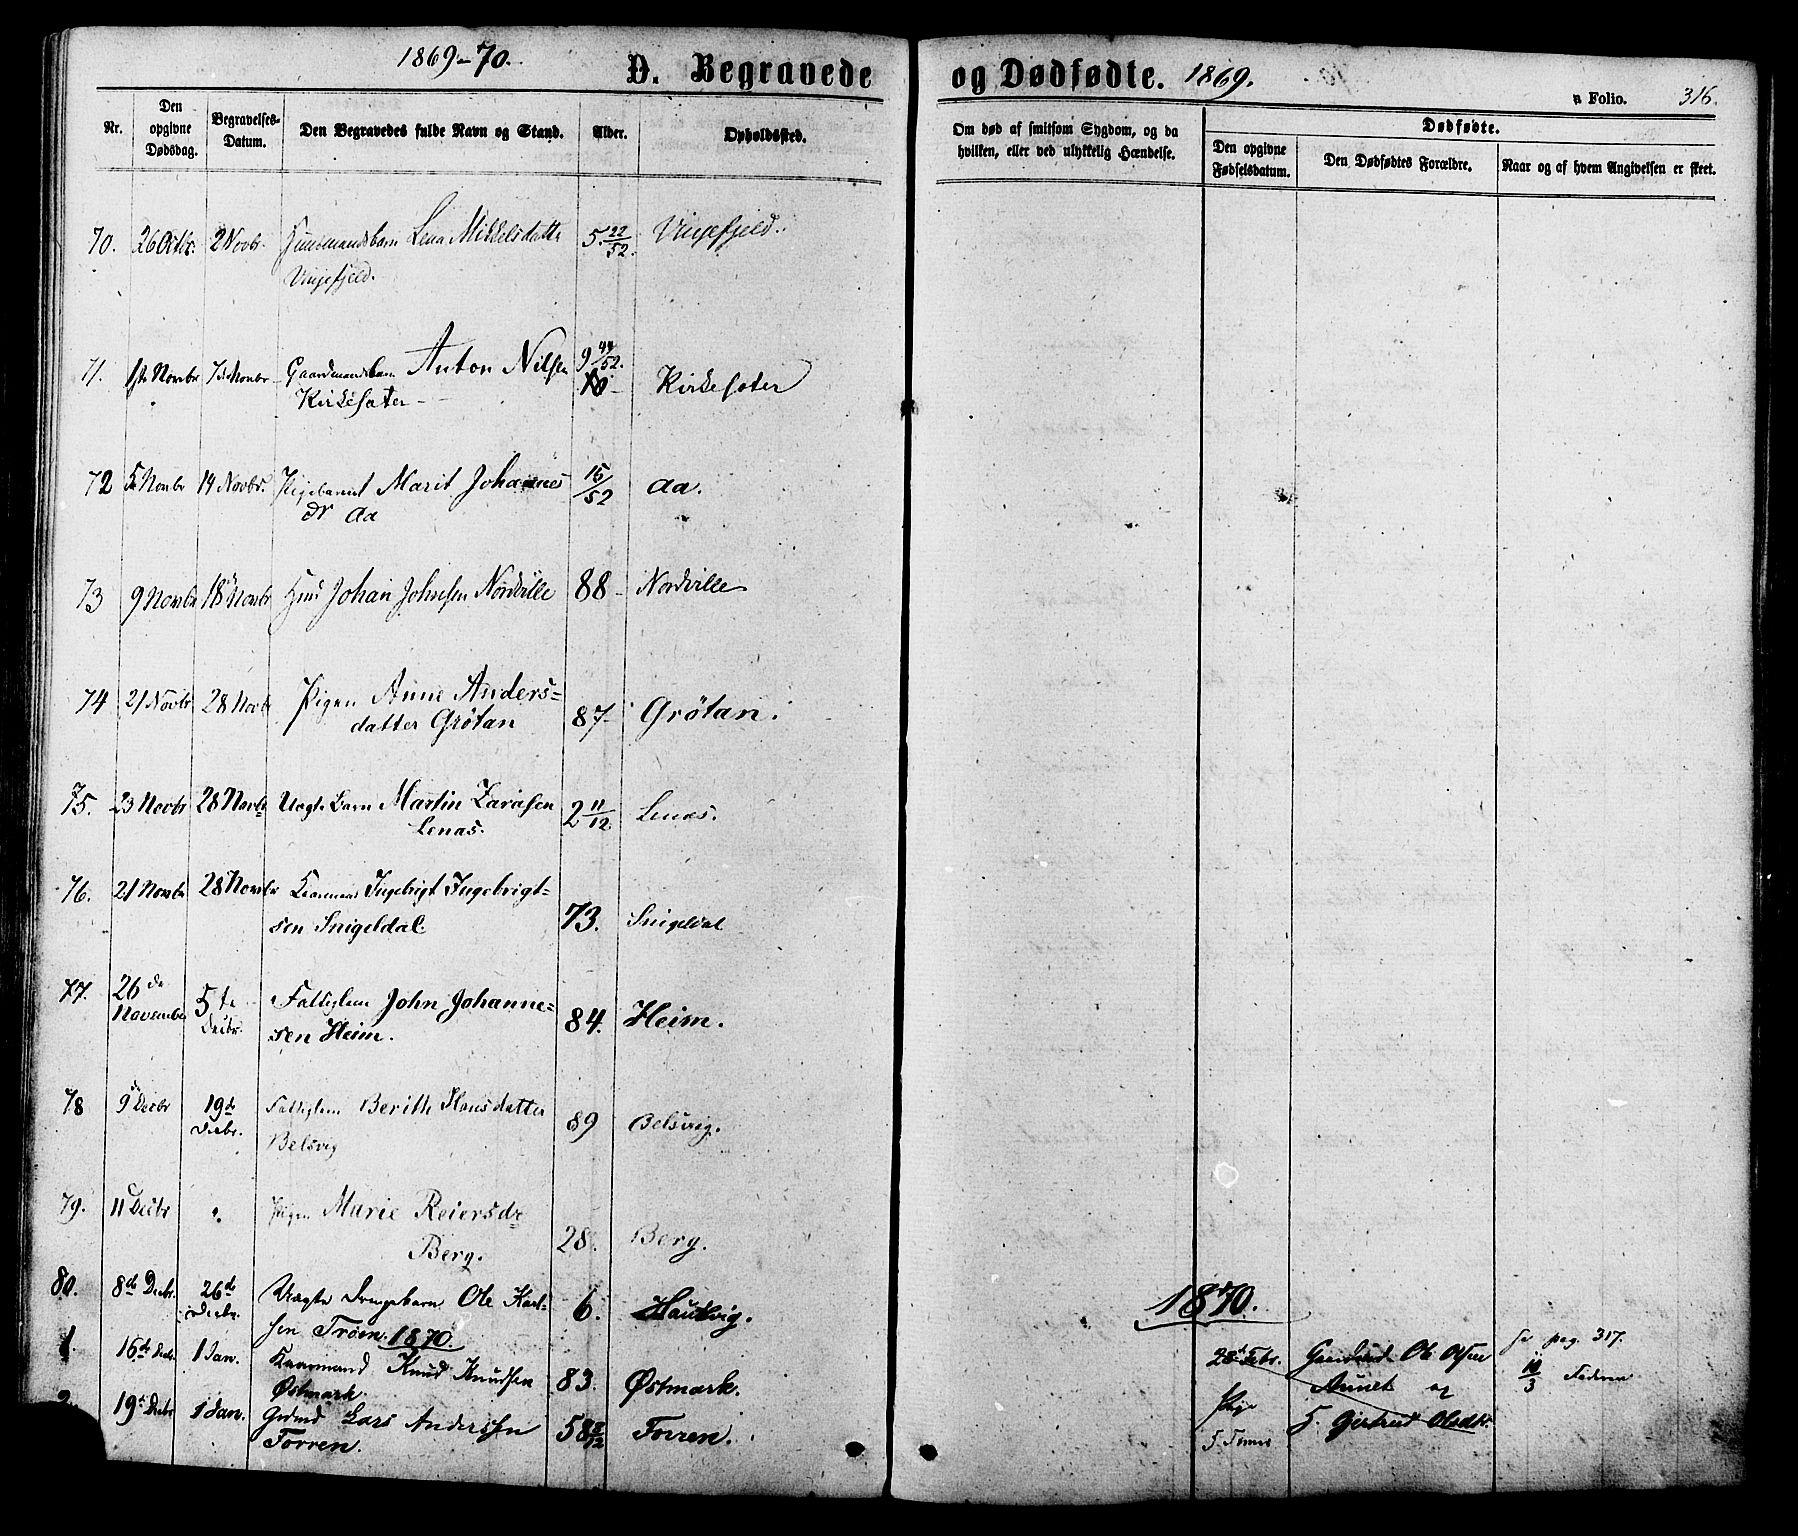 SAT, Ministerialprotokoller, klokkerbøker og fødselsregistre - Sør-Trøndelag, 630/L0495: Ministerialbok nr. 630A08, 1868-1878, s. 316